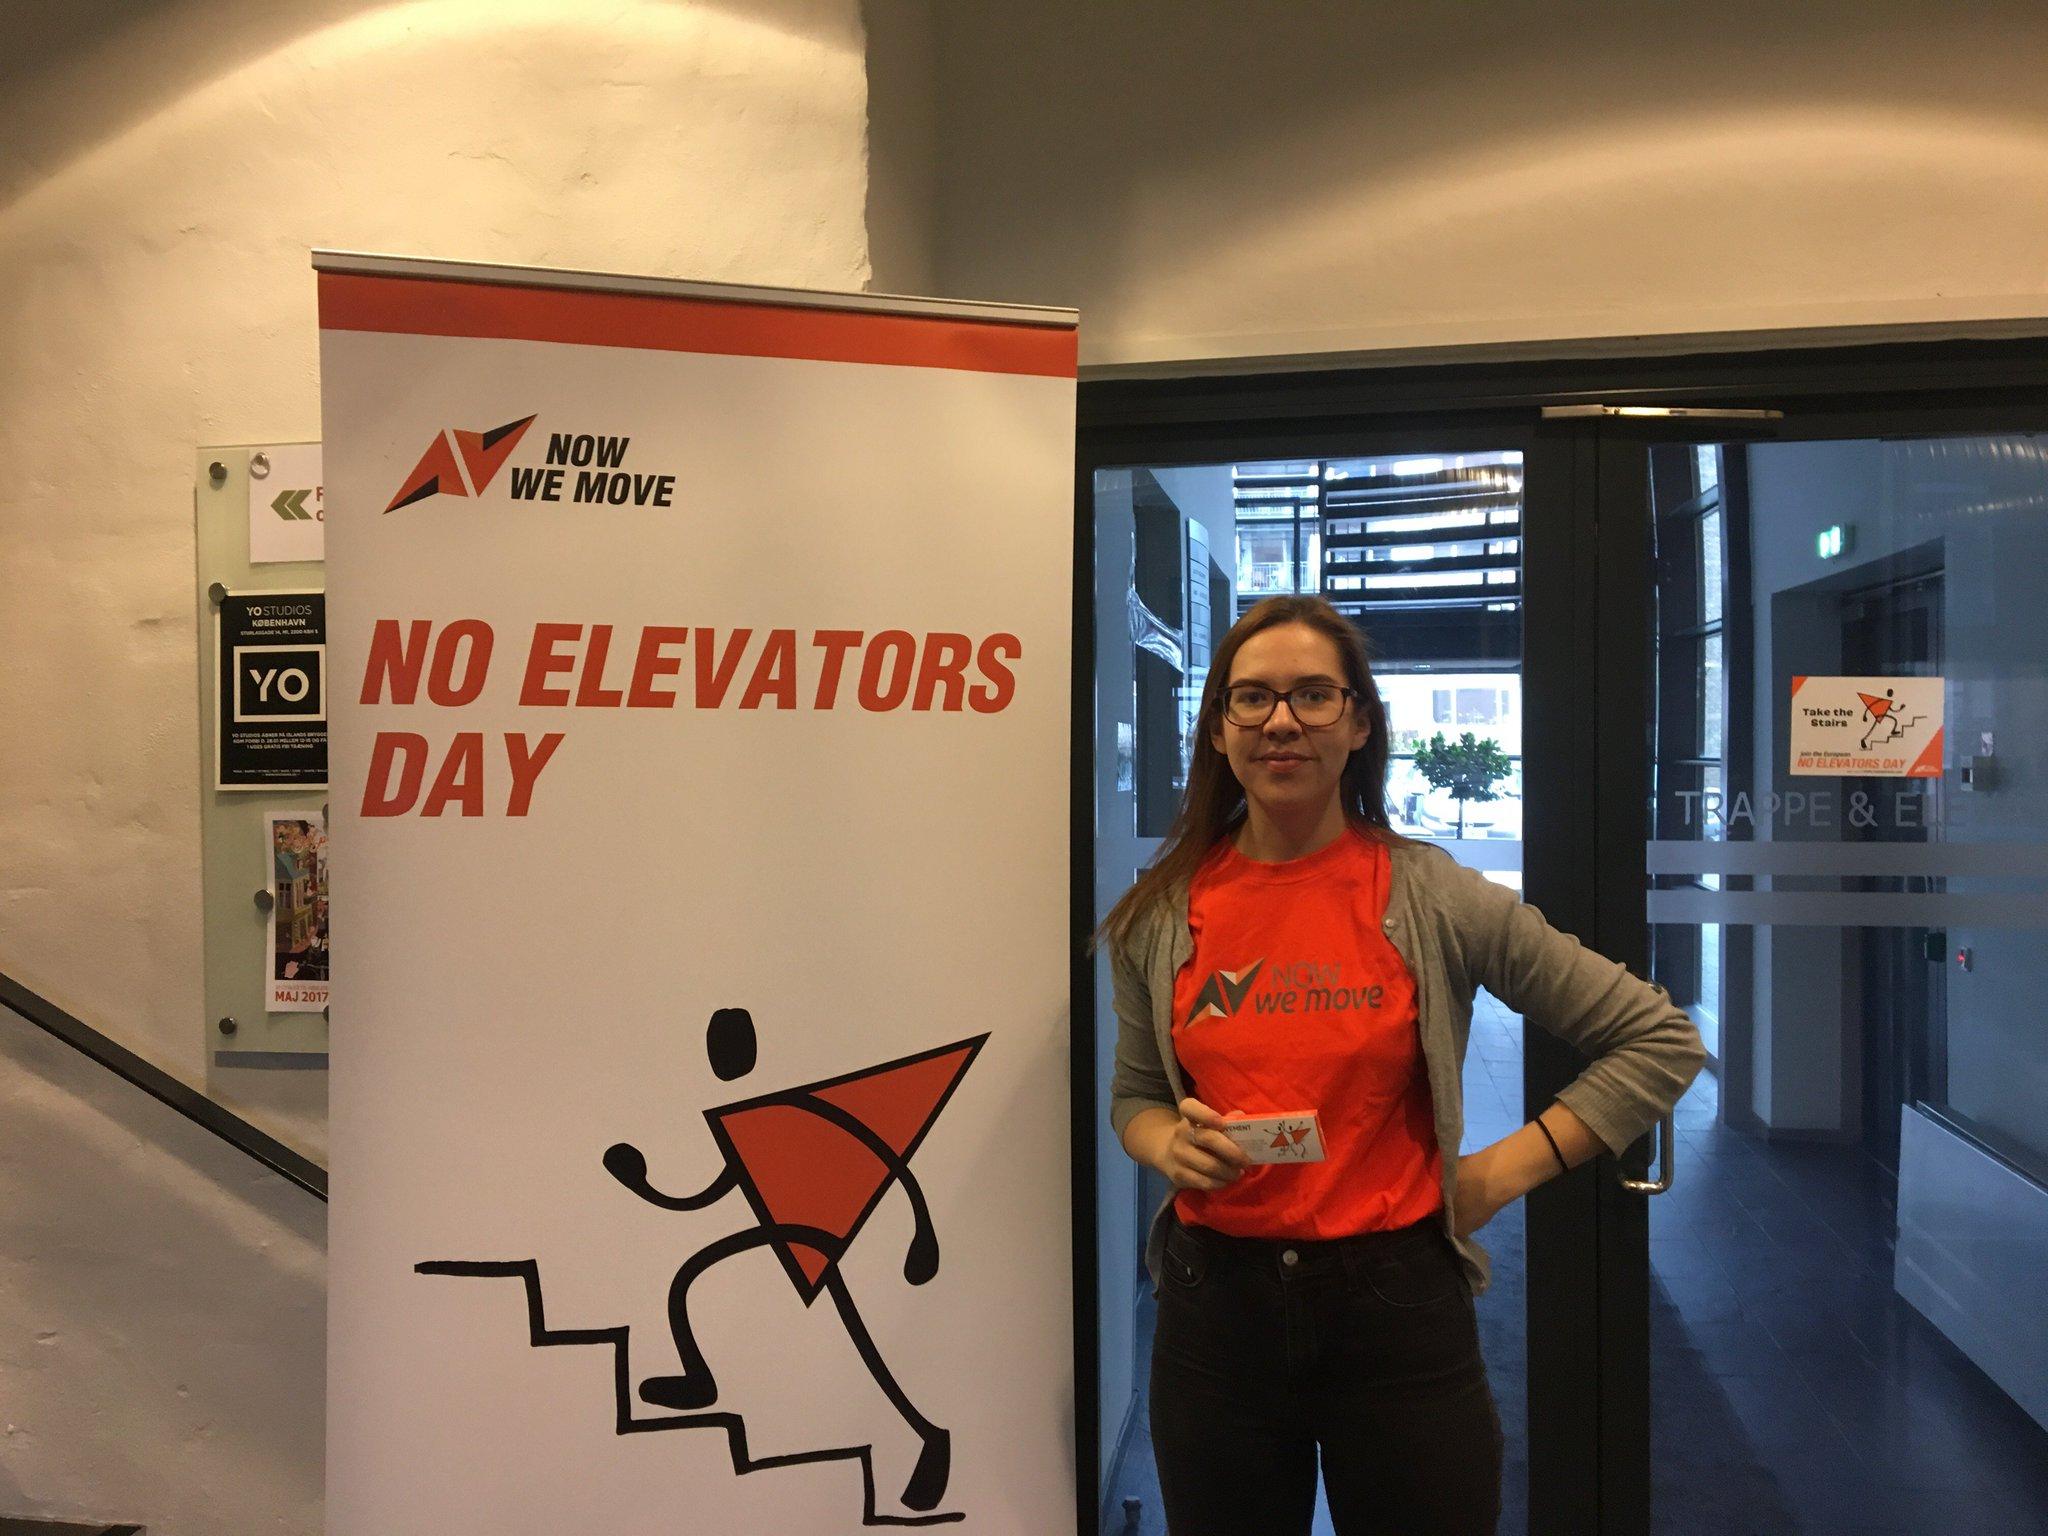 Det er i dag europæisk #NoElevatorsDay og @ISCA_tweet er på besøg i STPS. Tag trappen i dag - og når du har muligheden! #NowWeTakeTheStairs https://t.co/N5OimdEG8Y